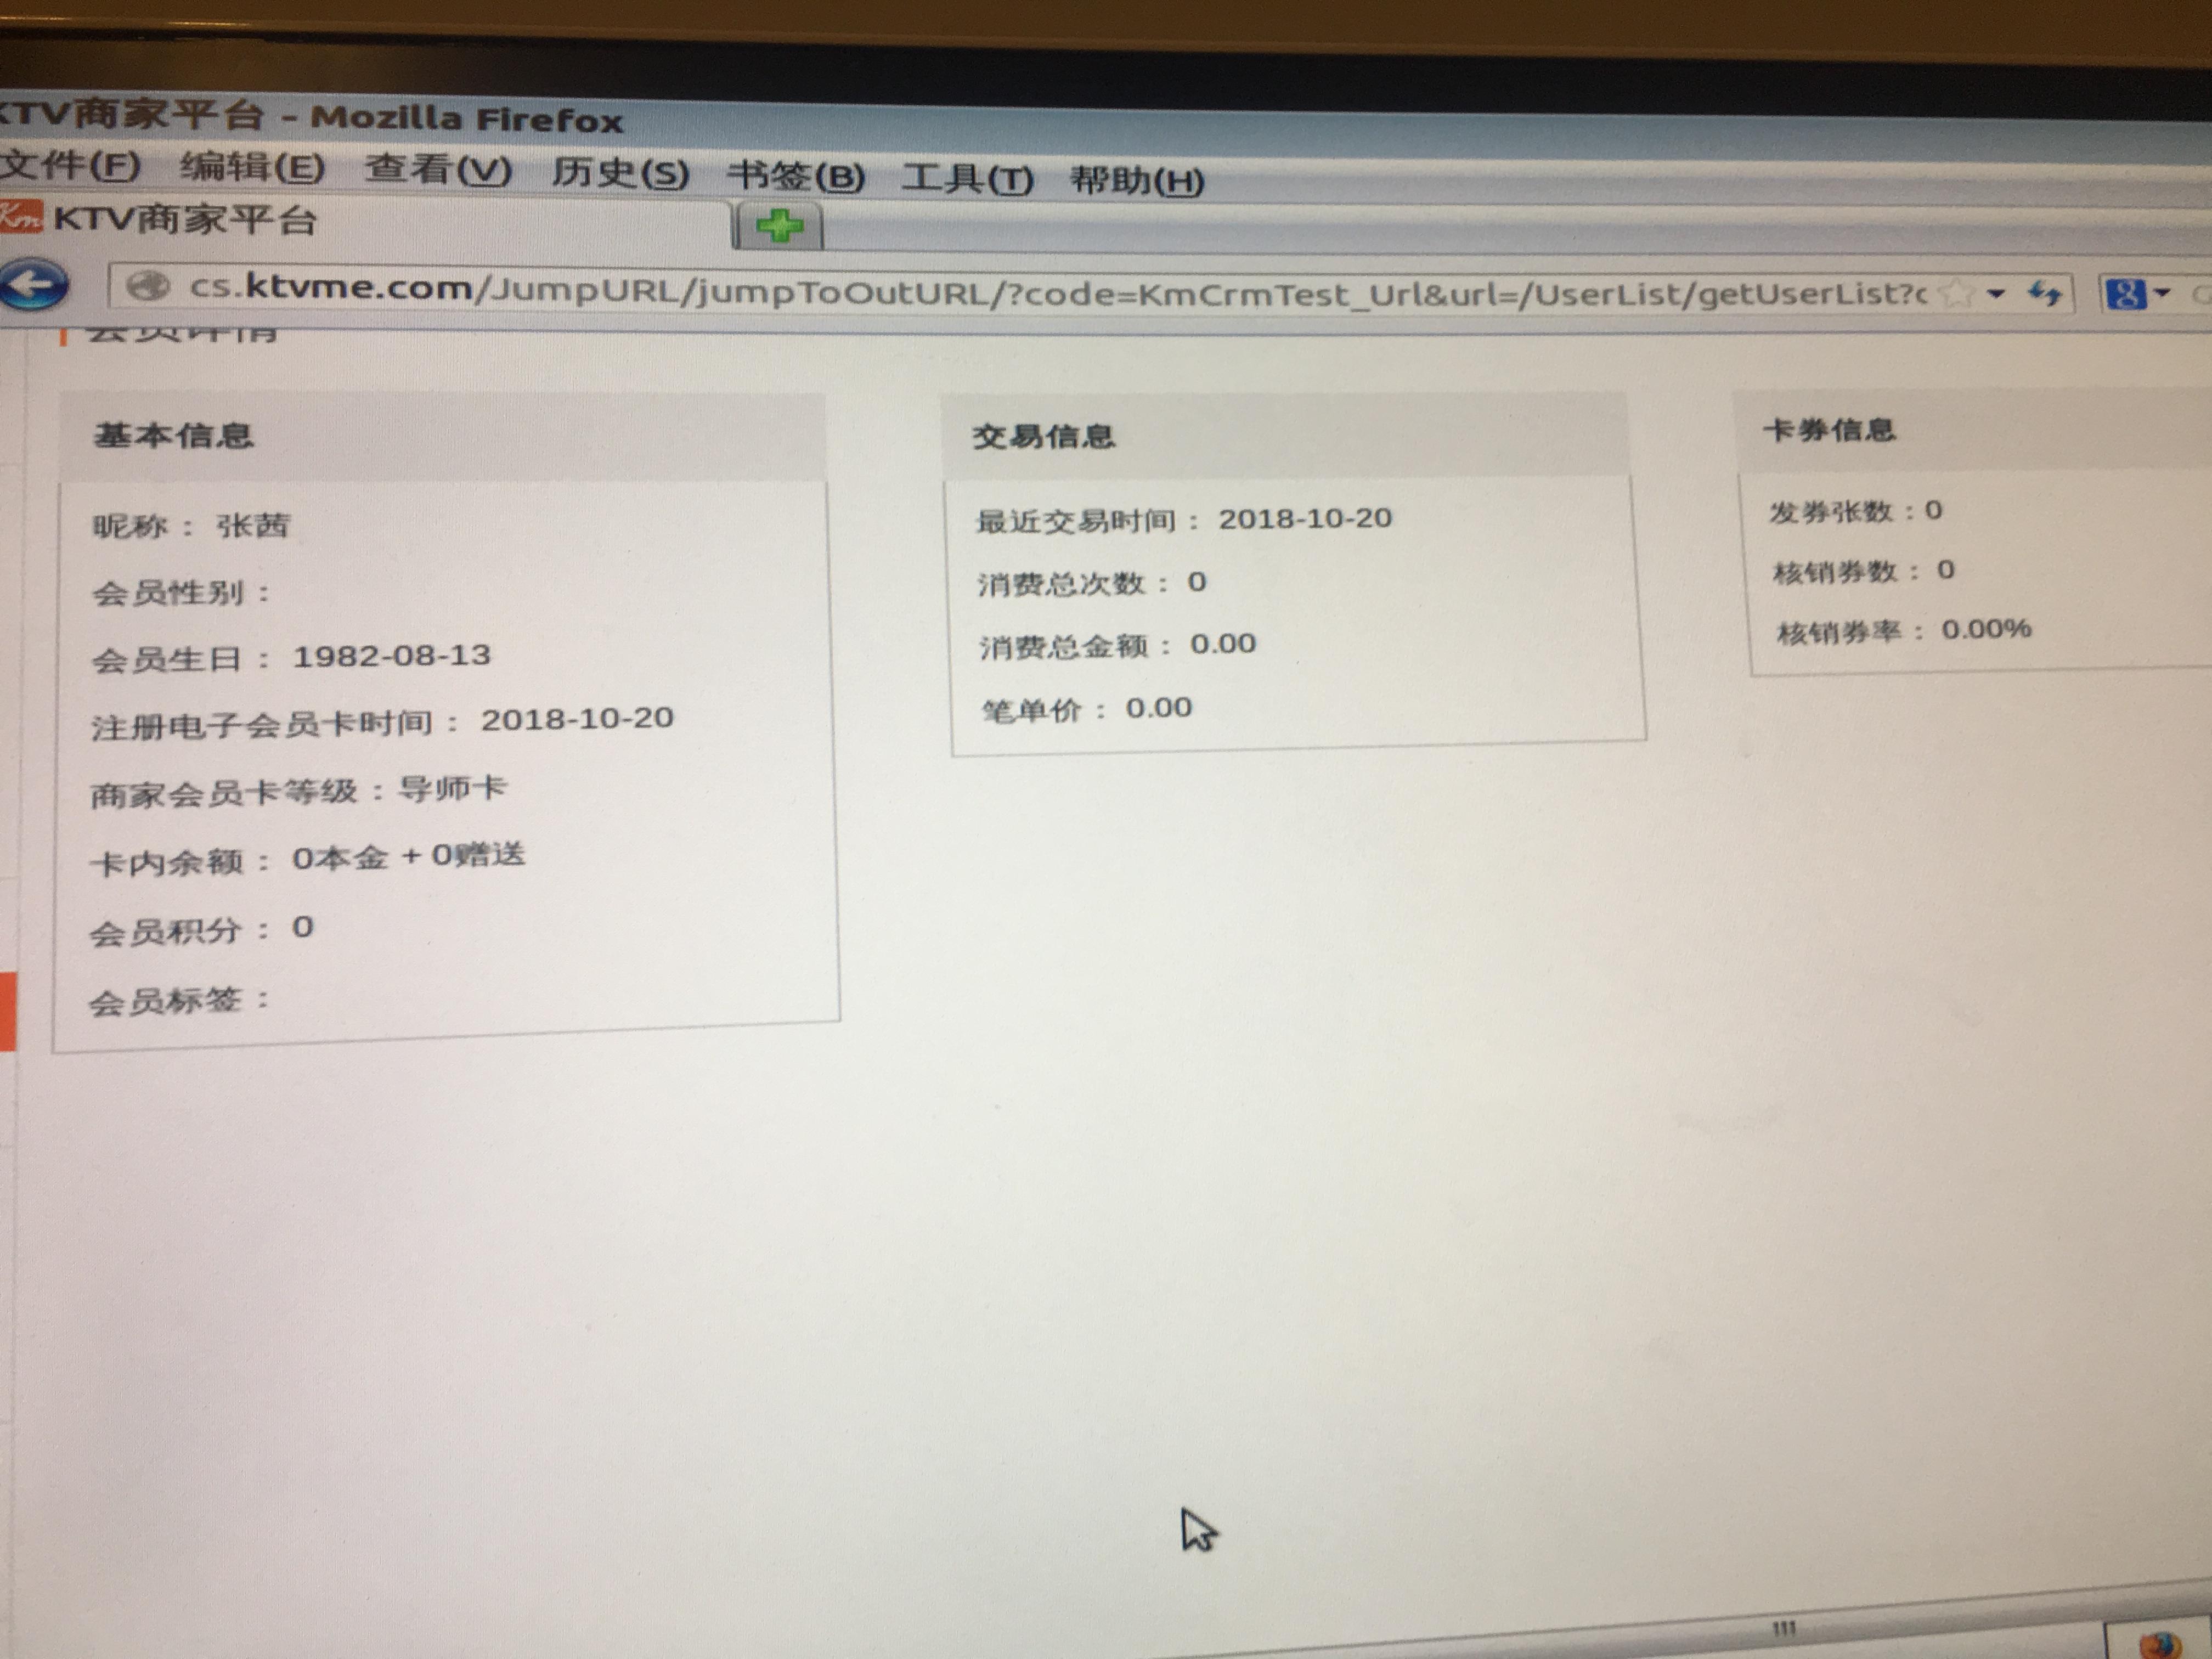 9A98CECF-1A51-44A6-ABC2-625E8A348F55.jpeg